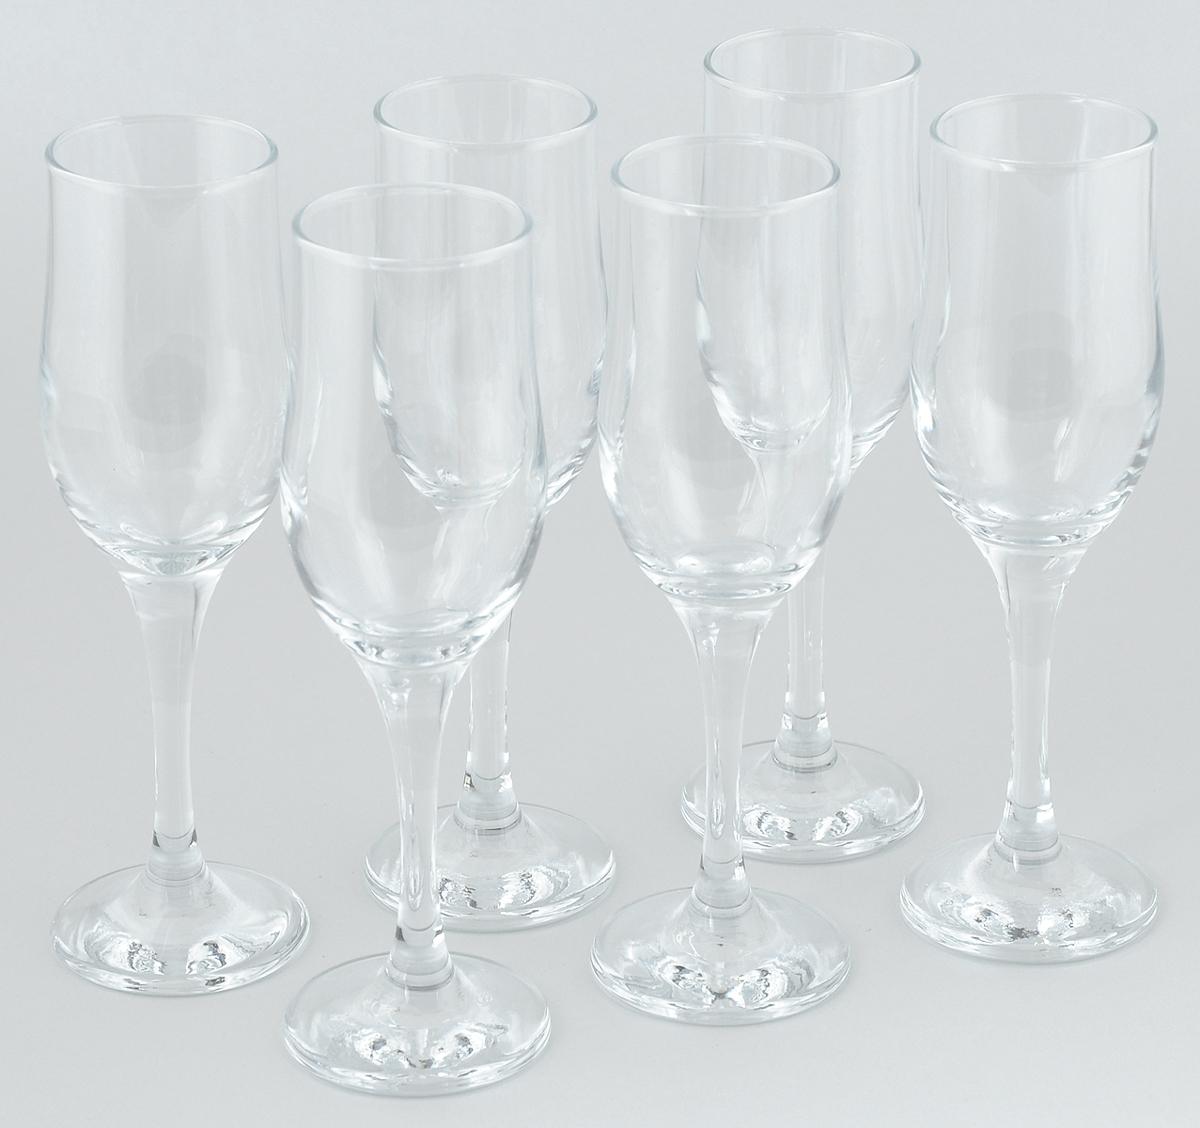 Набор фужеров для шампанского Pasabahce Tulipe, 200 мл, 6 шт imperial plus набор фужеров 6шт вино 315мл 4 64 pasabahce 4 1063139